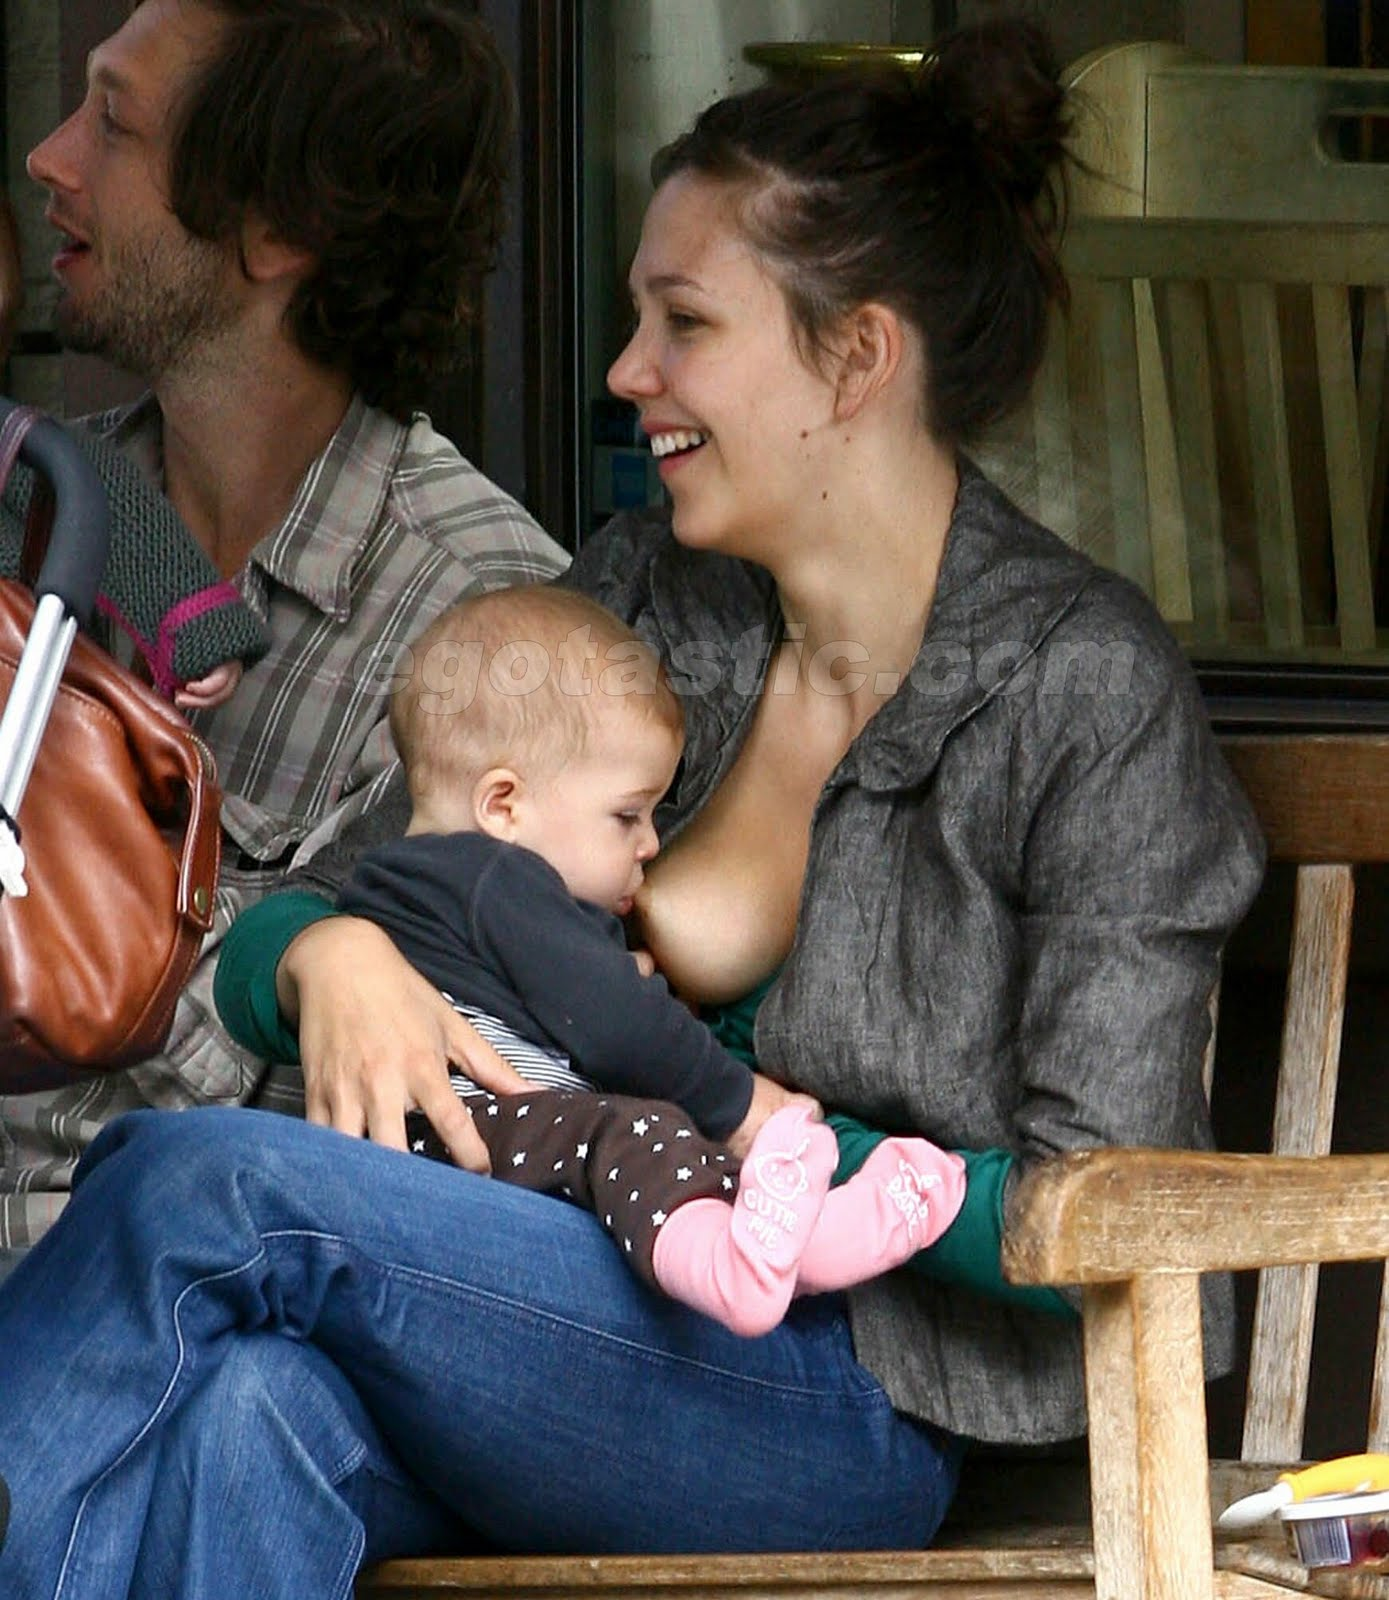 http://2.bp.blogspot.com/_EmGL4XBULEA/TDODUNc0K5I/AAAAAAAAAMQ/38e5o82ieDA/s1600/maggie-gyllenhaal-breast-feeding-01.jpg